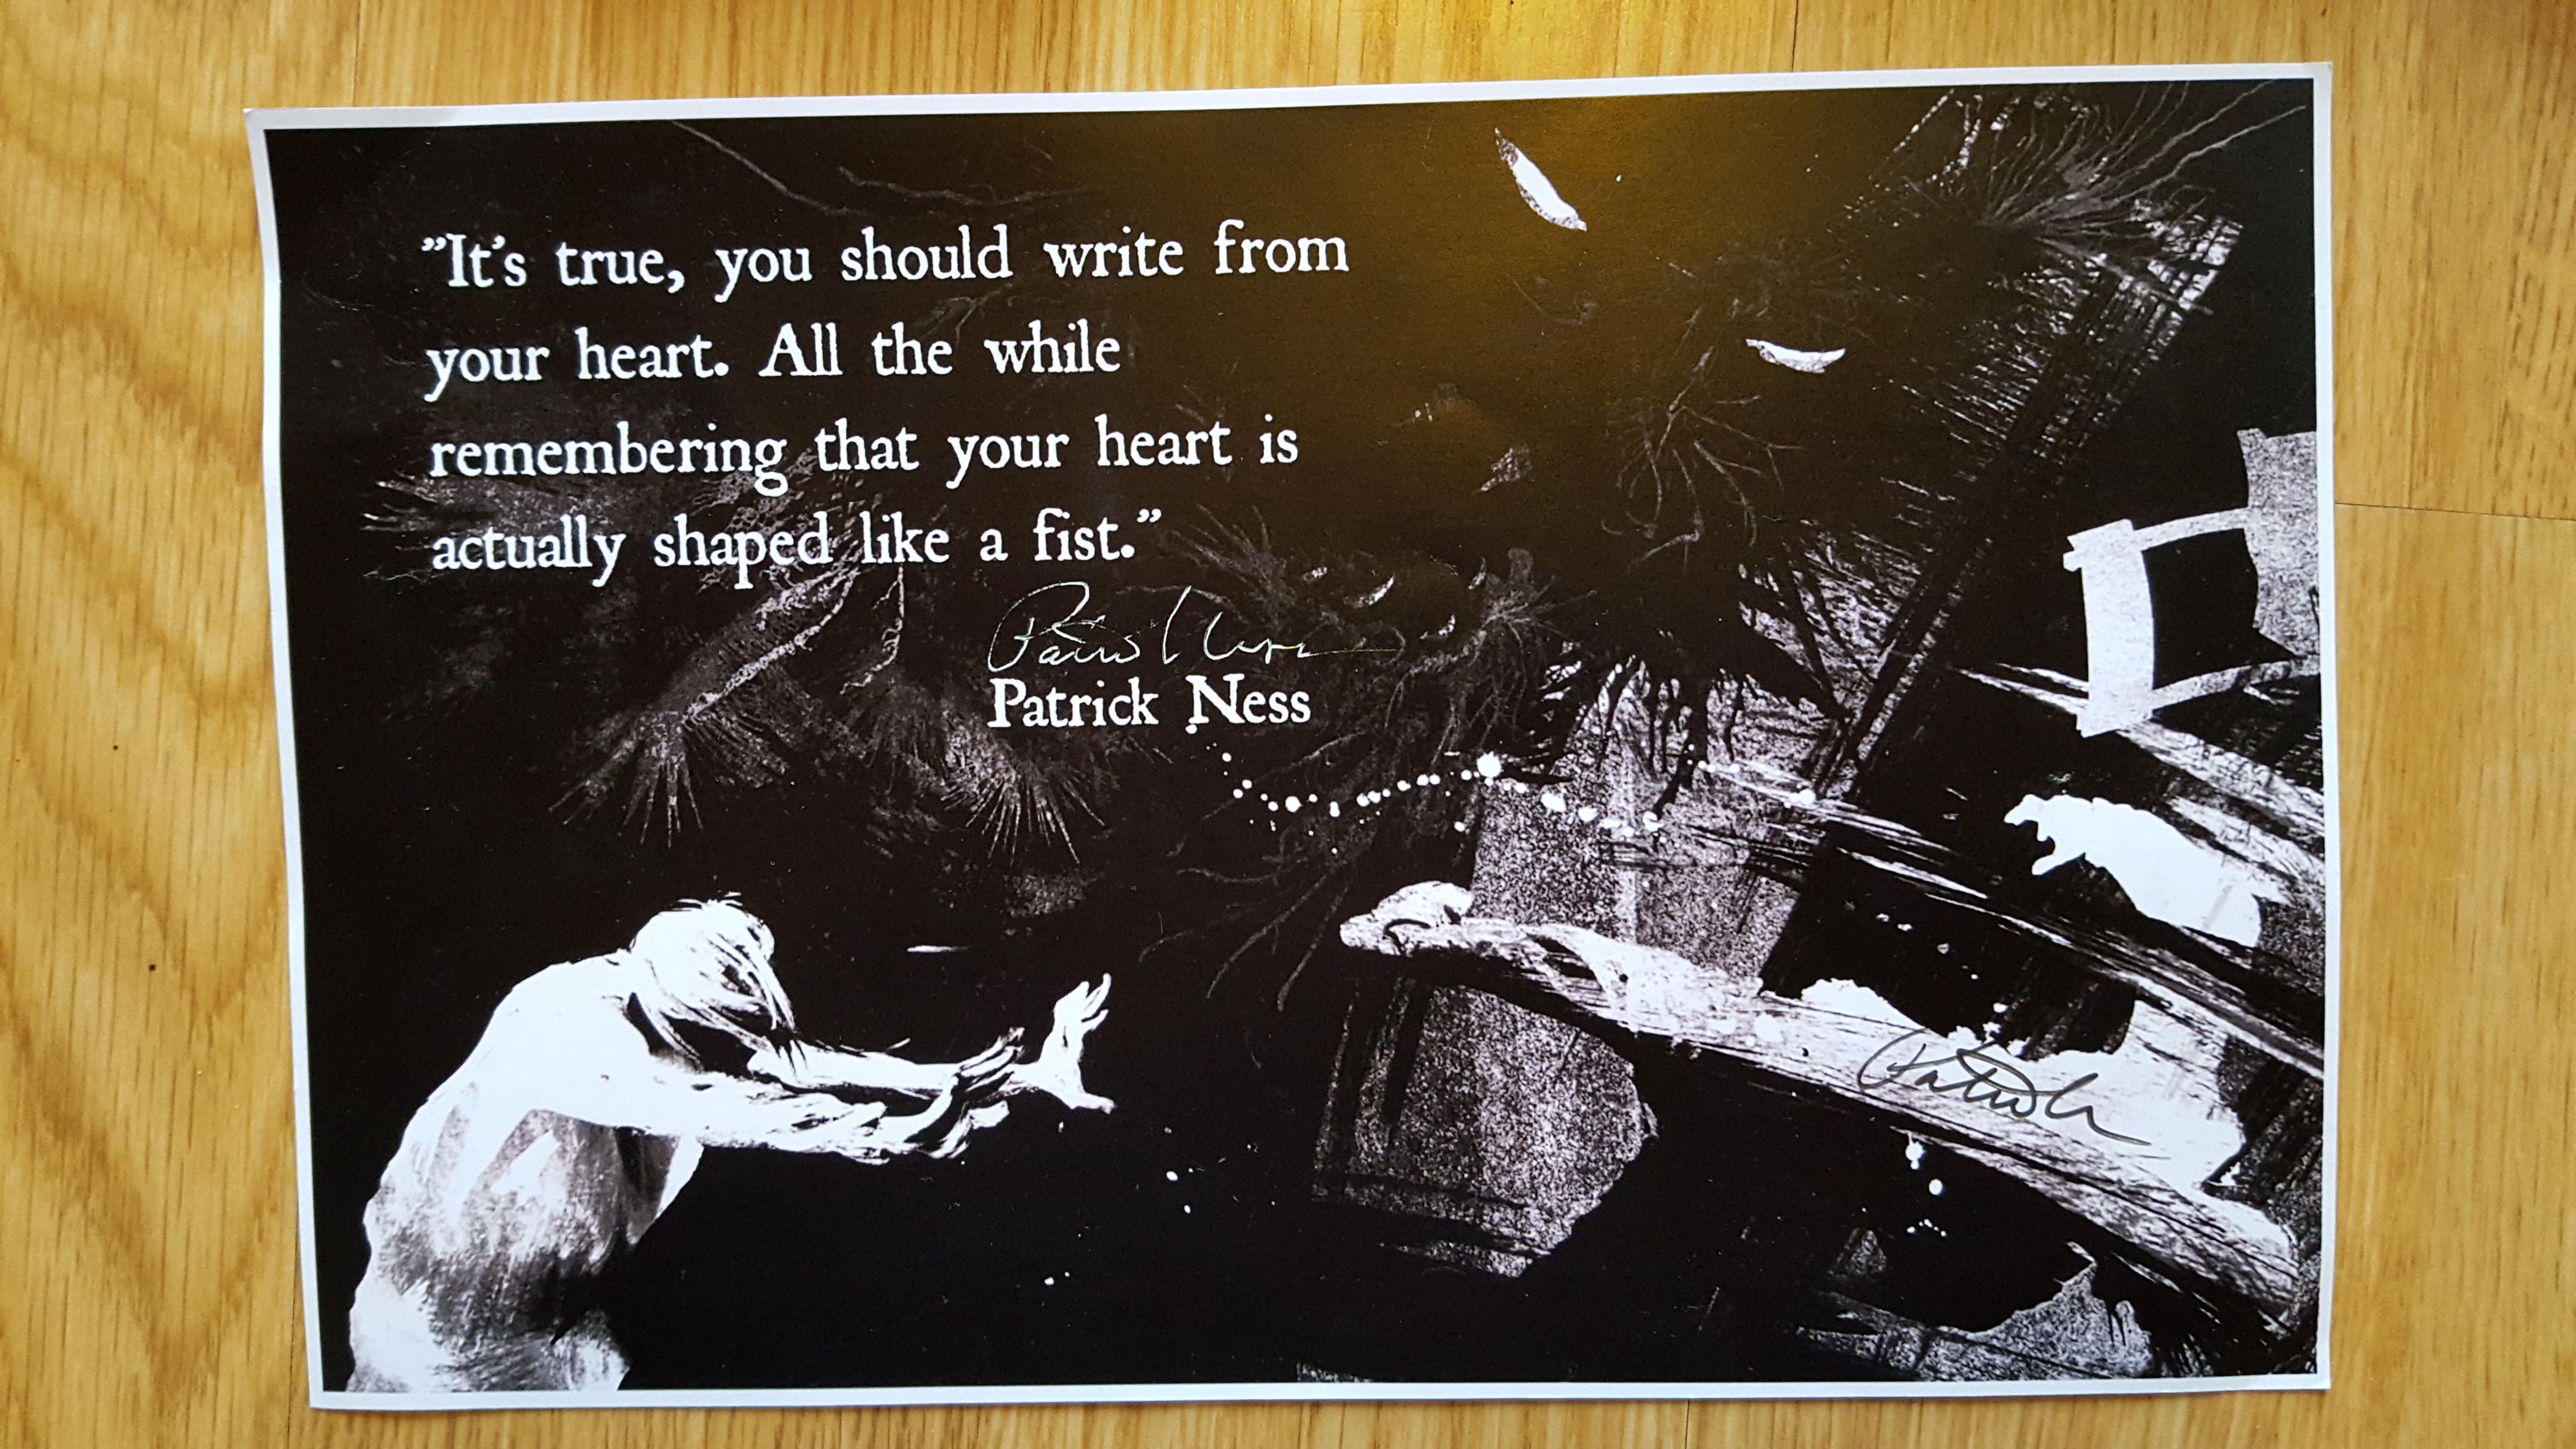 Signeret Twitter-citat om at skrive fra hjertet. Det skal hænge på mit kontor. Jeg har nul procent fangirl-cool. Men helt ærligt. Det er sådan et fint citat.